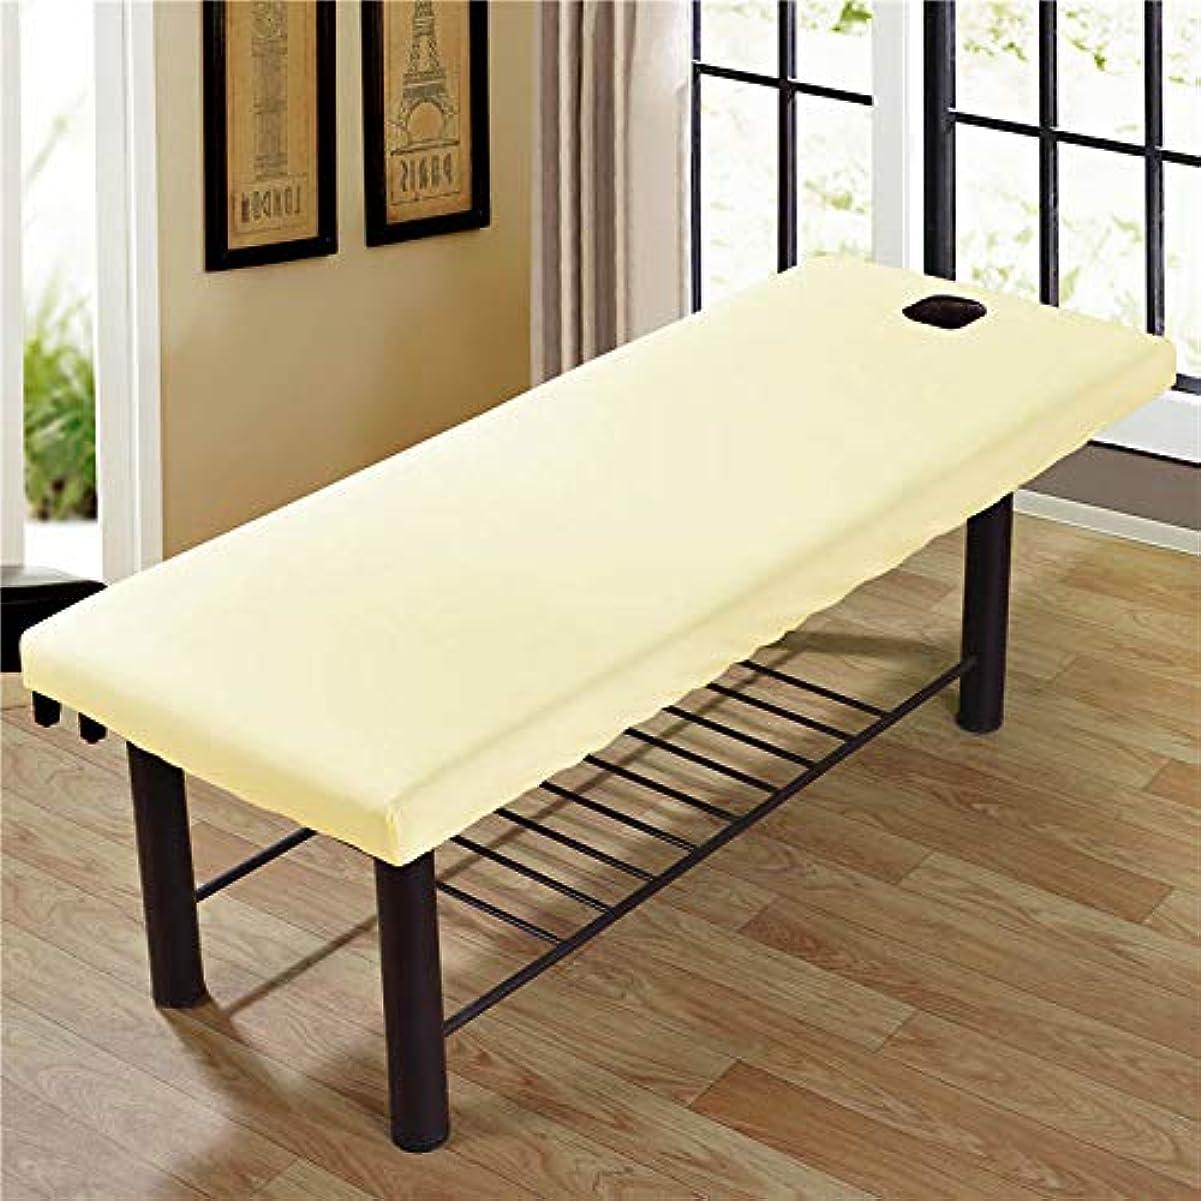 概要色合いサミュエルCoolTack  美容院のマッサージ療法のベッドのための柔らかいSoliod色の長方形のマットレス